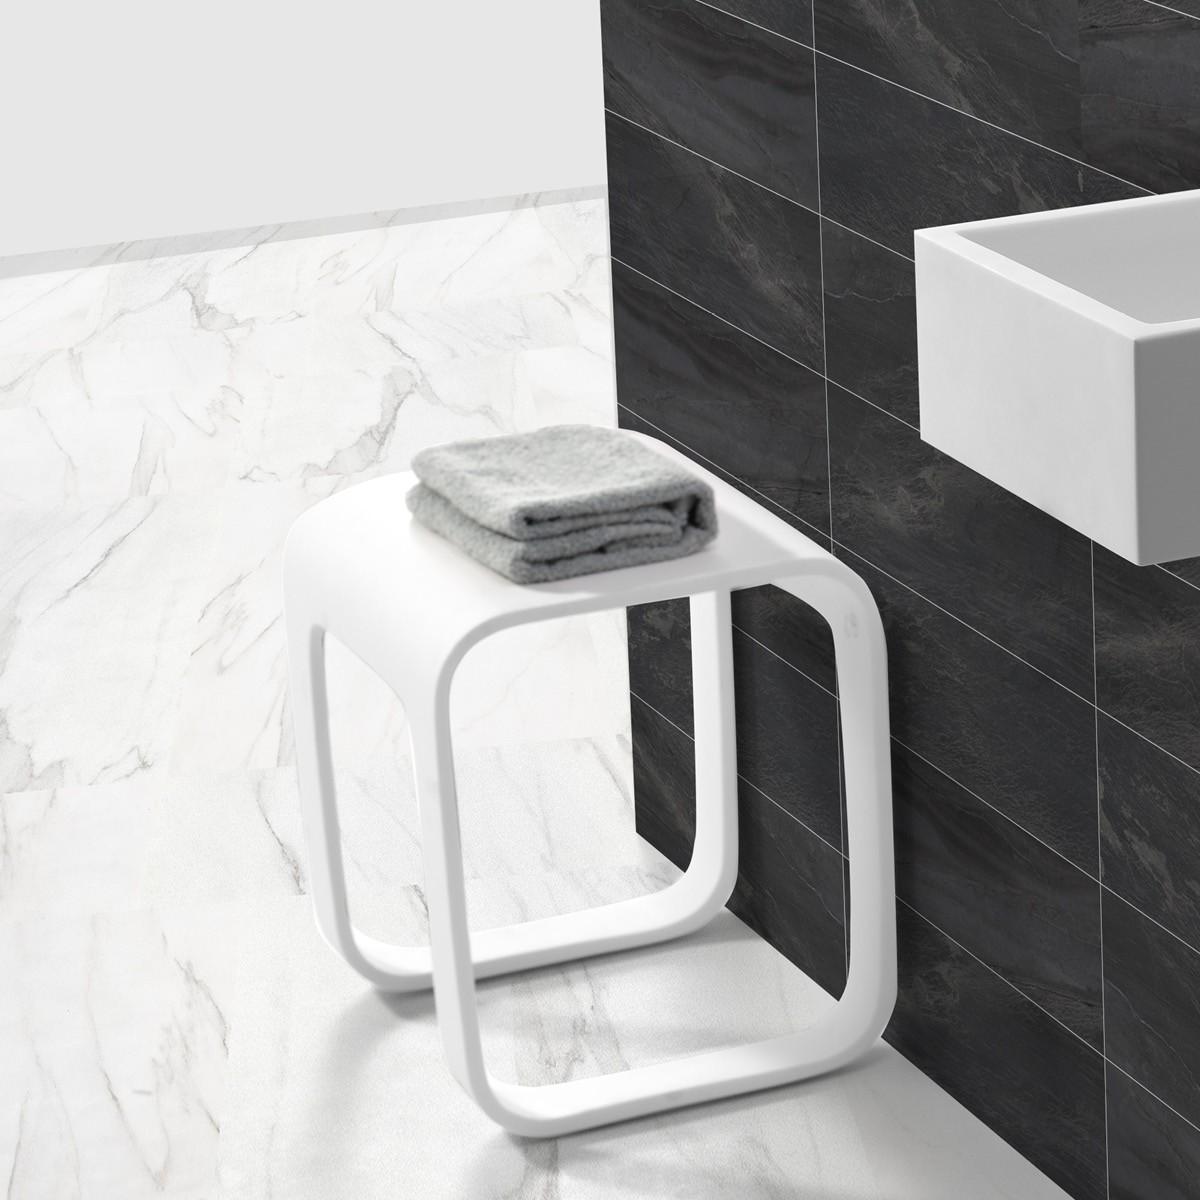 Badhocker design  Design Duschhocker / Badhocker aus Mineralguss | eBay